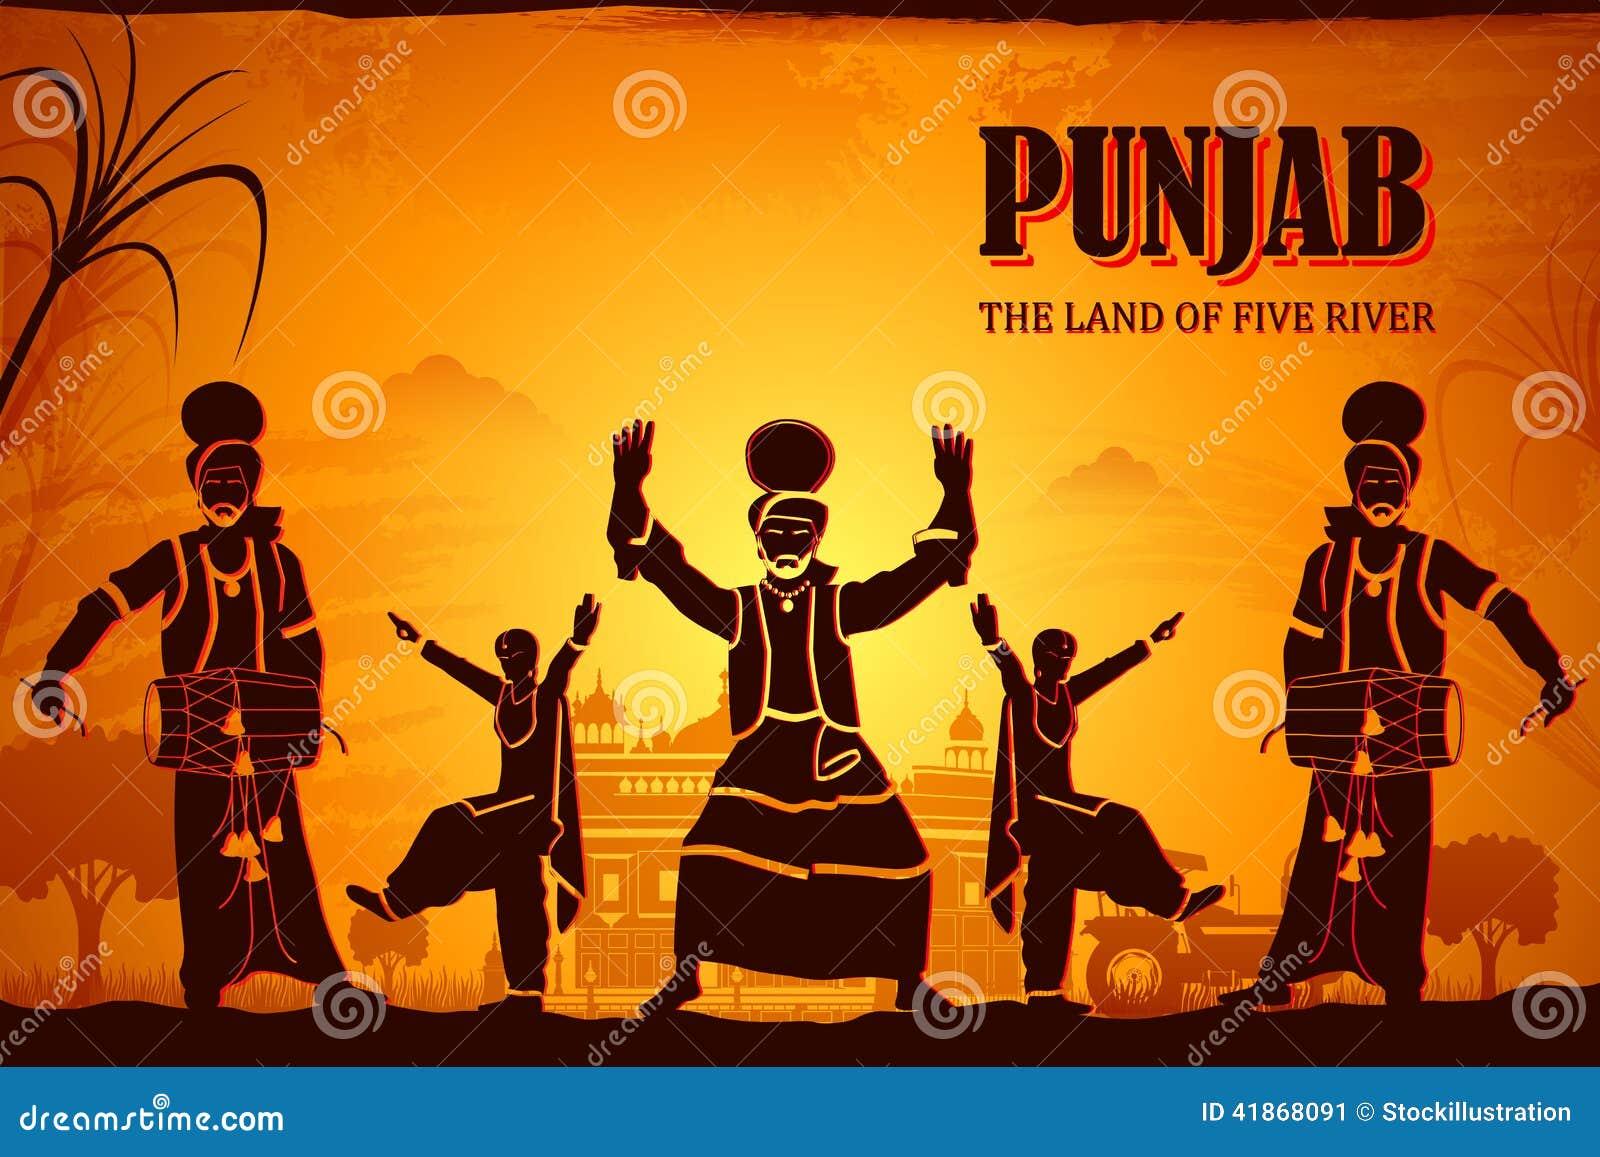 Cultura de Punjab